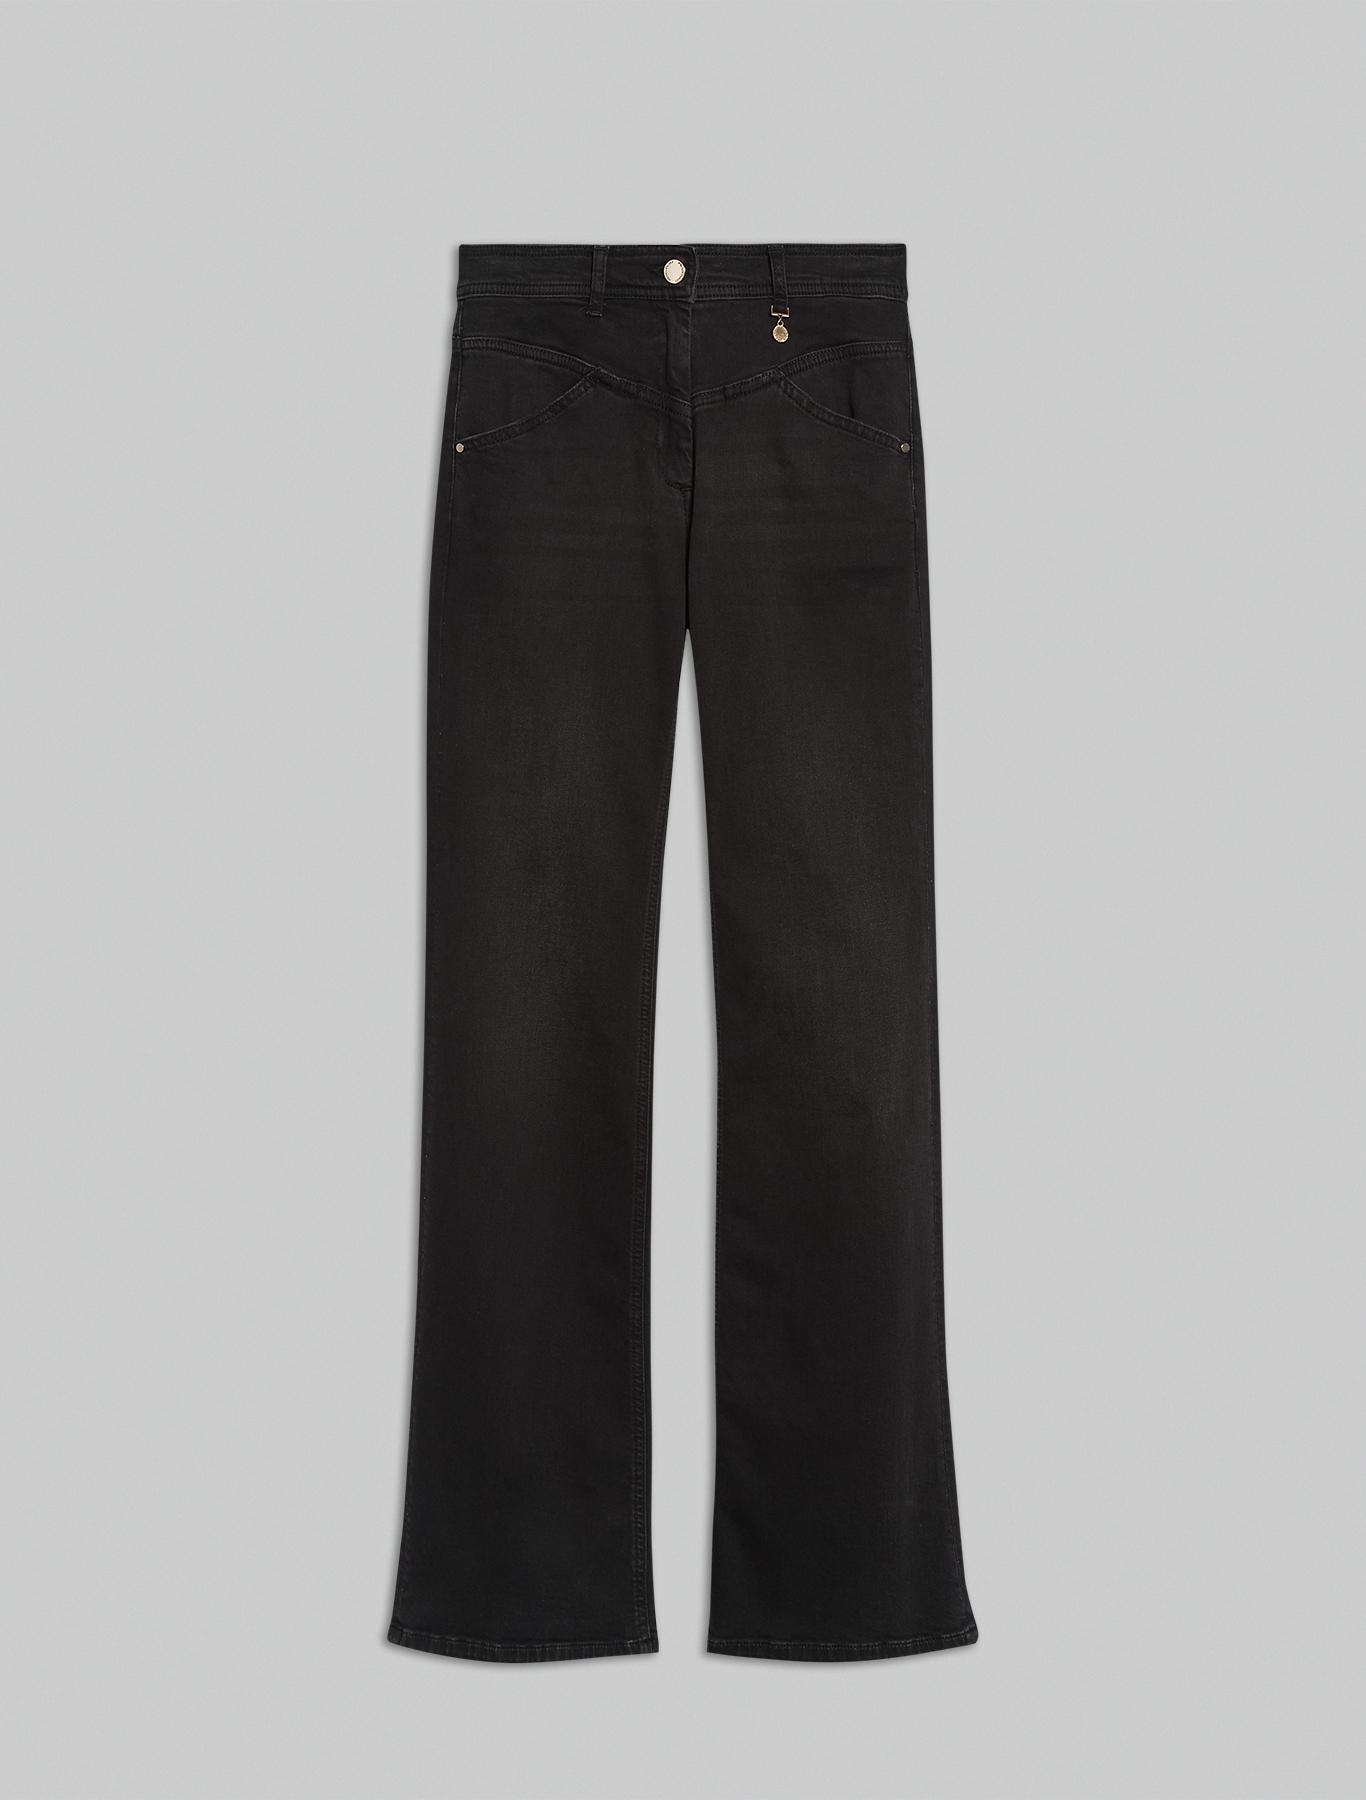 Black bootcut jeans - black - pennyblack